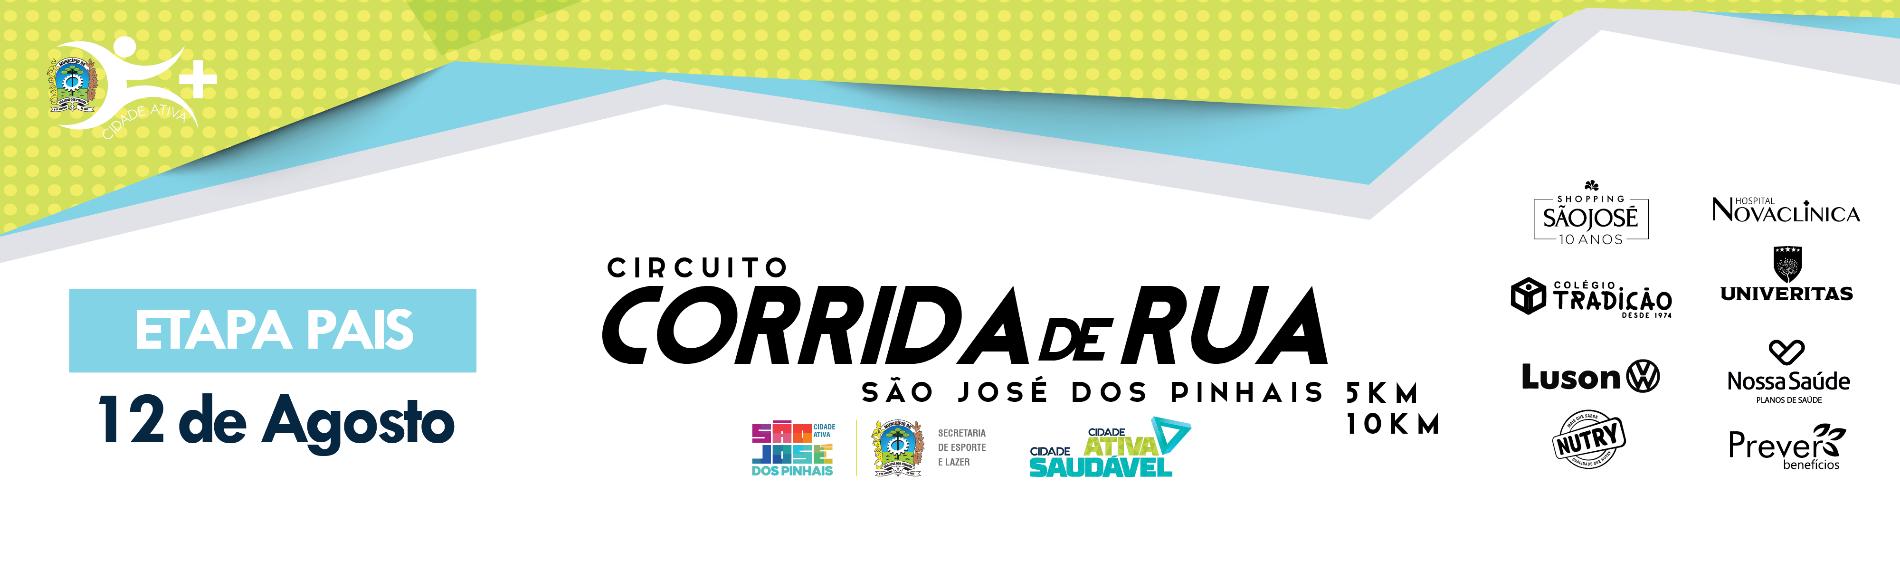 CIRCUITO DE CORRIDAS DE RUA DE SÃO JOSÉ DOS PINHAIS - ETAPA DOS PAIS - Imagem de topo